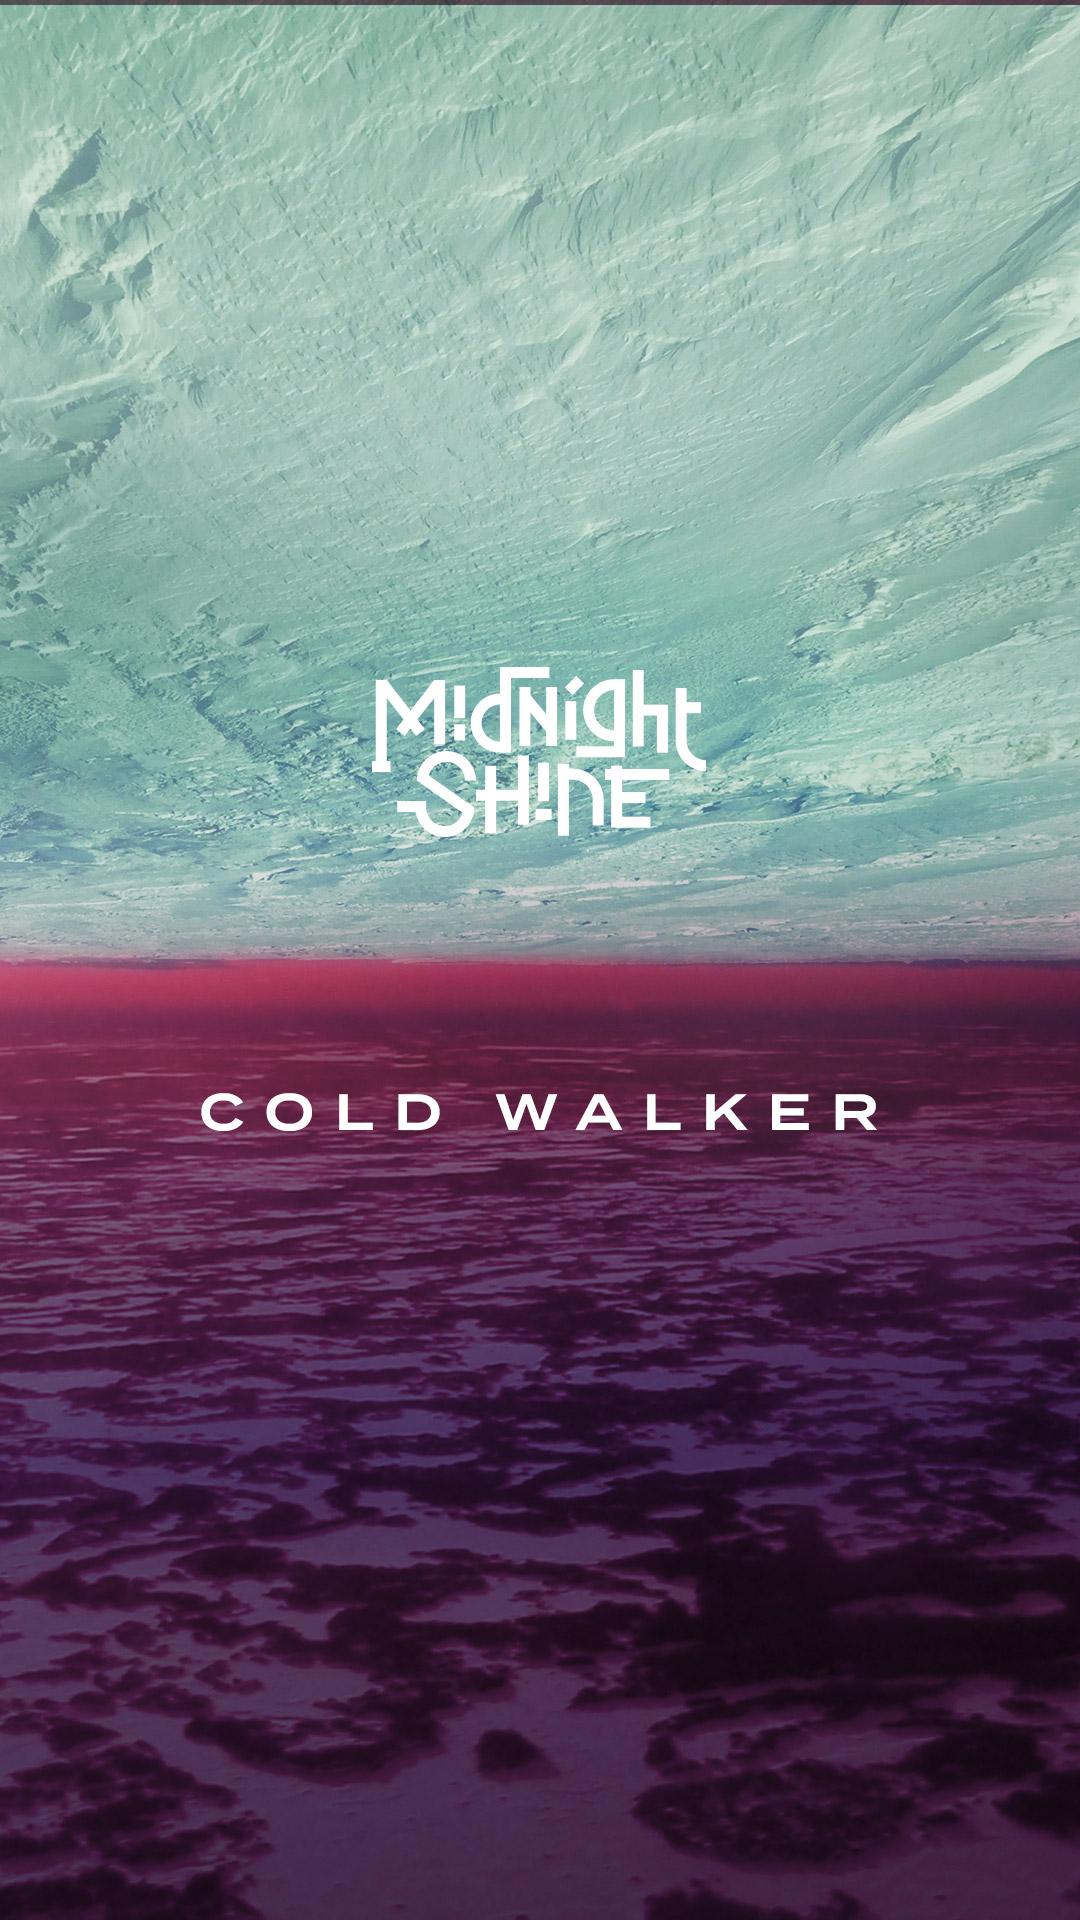 coldwalker-phone